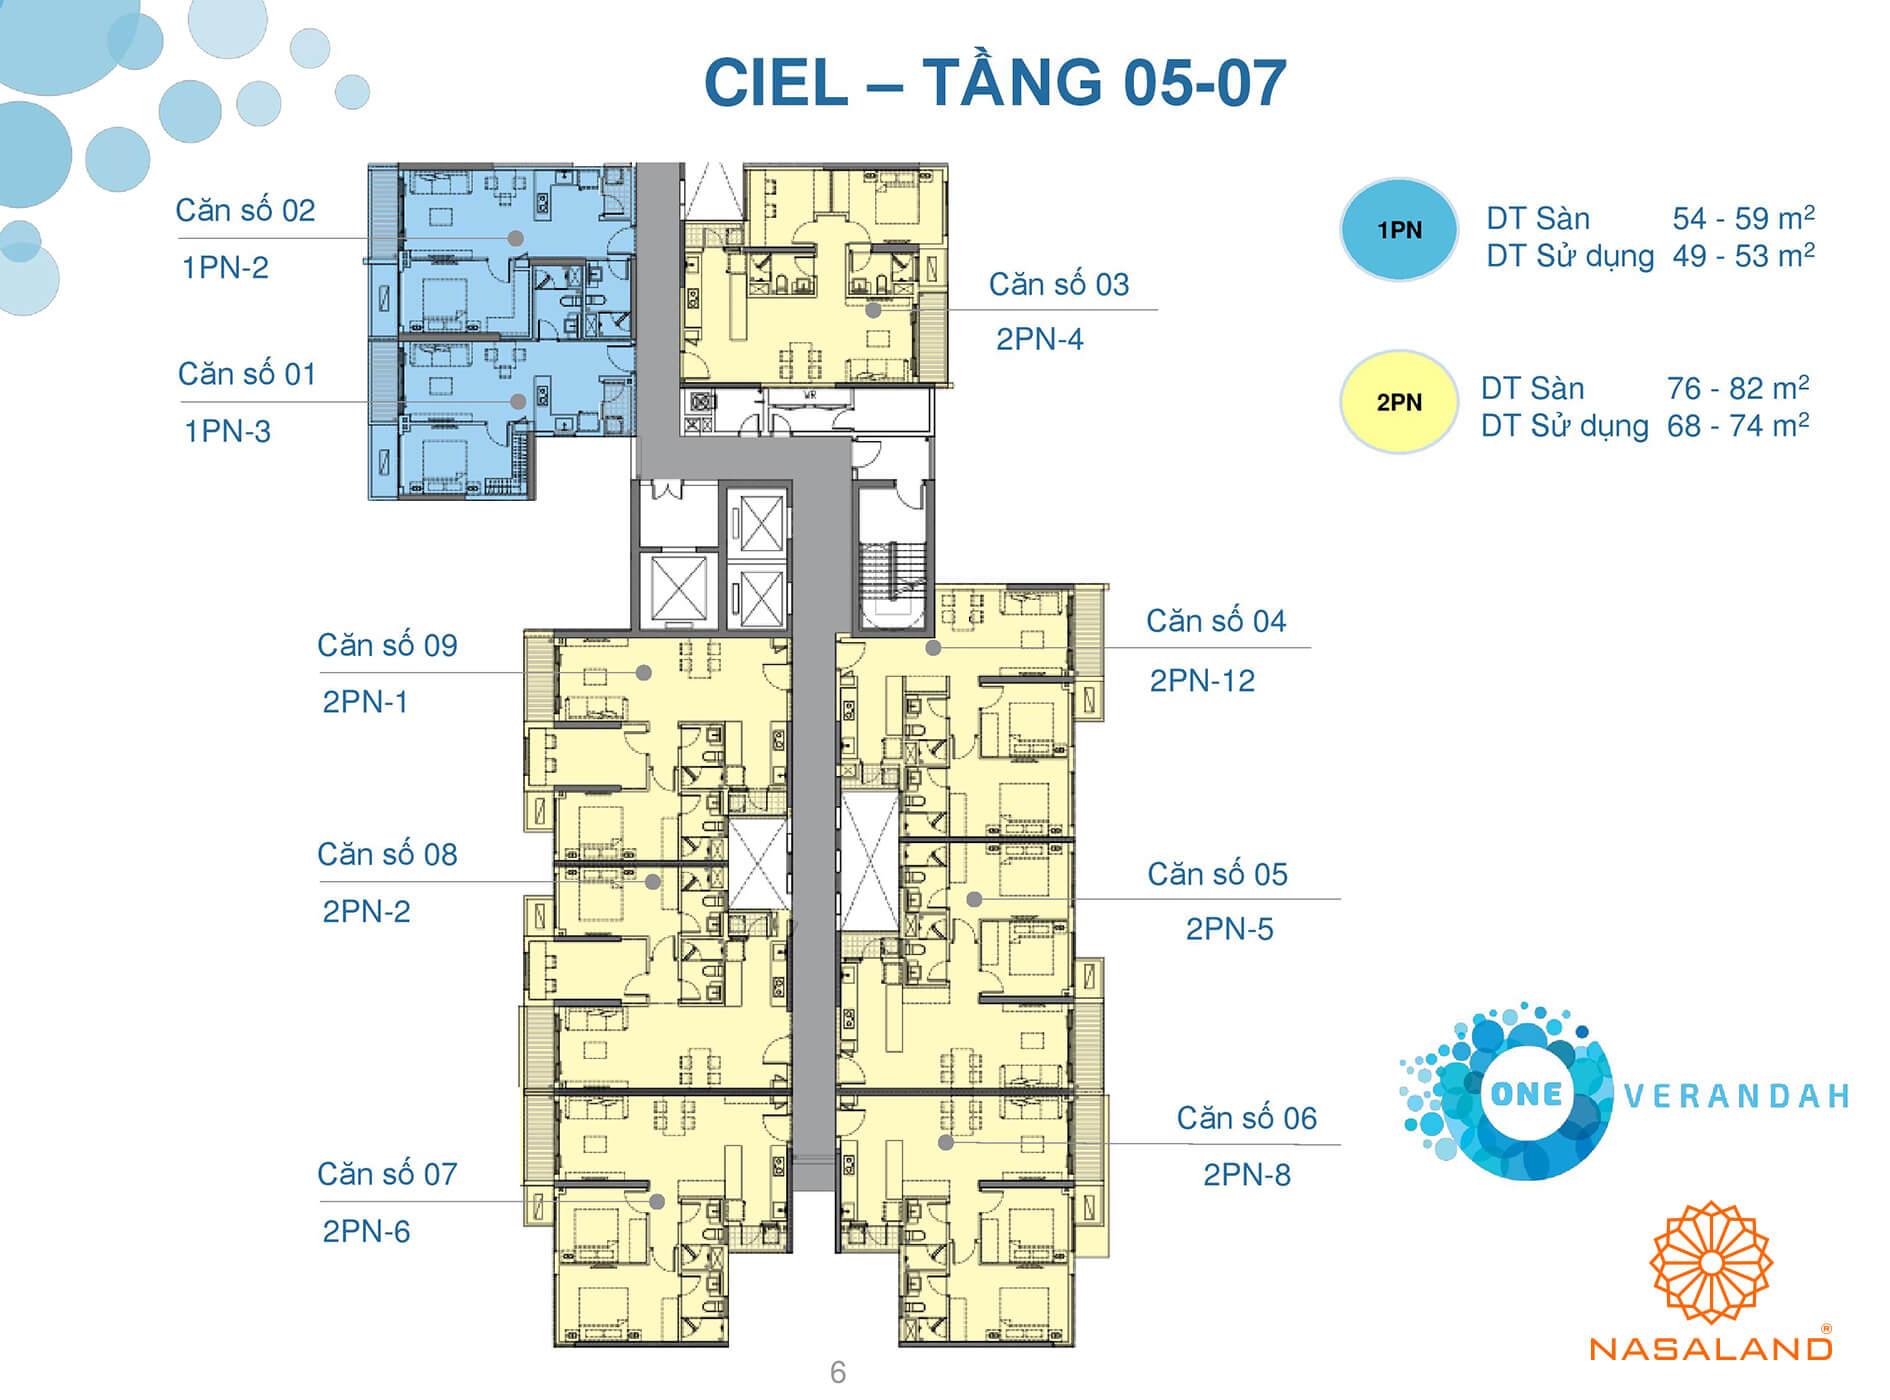 Mặt bằng tầng 05 - 07 căn hộ điển hình One Verandah (Ảnh: NSL)